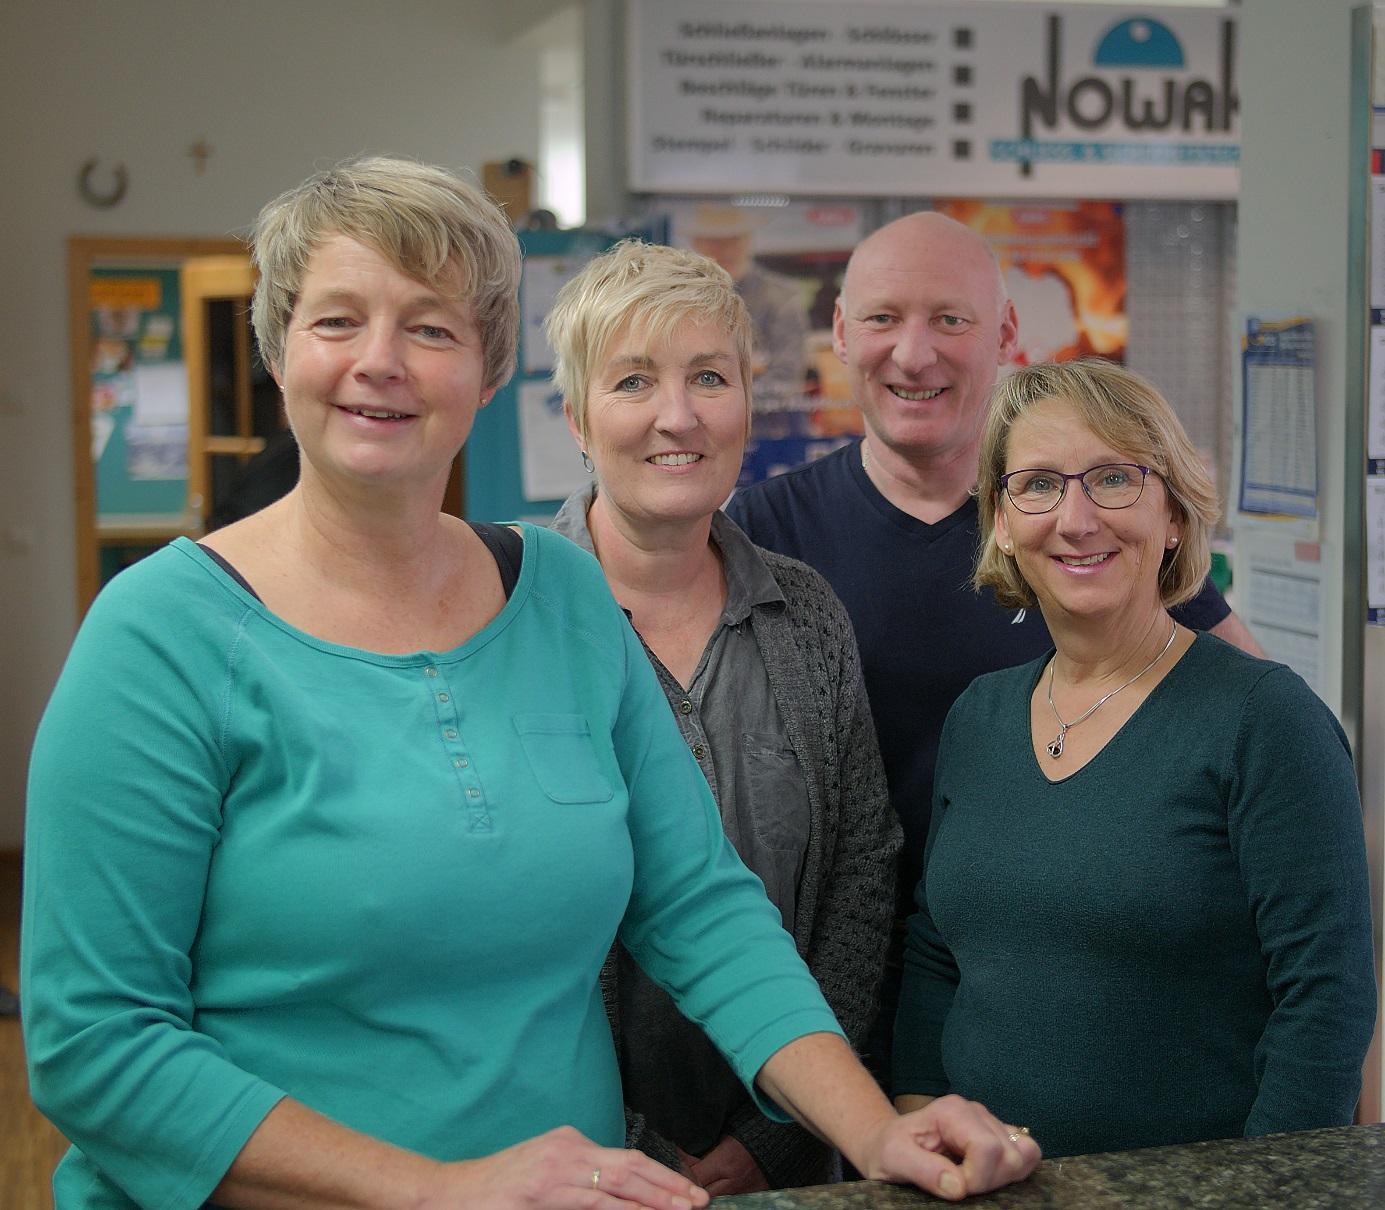 Team Nowak